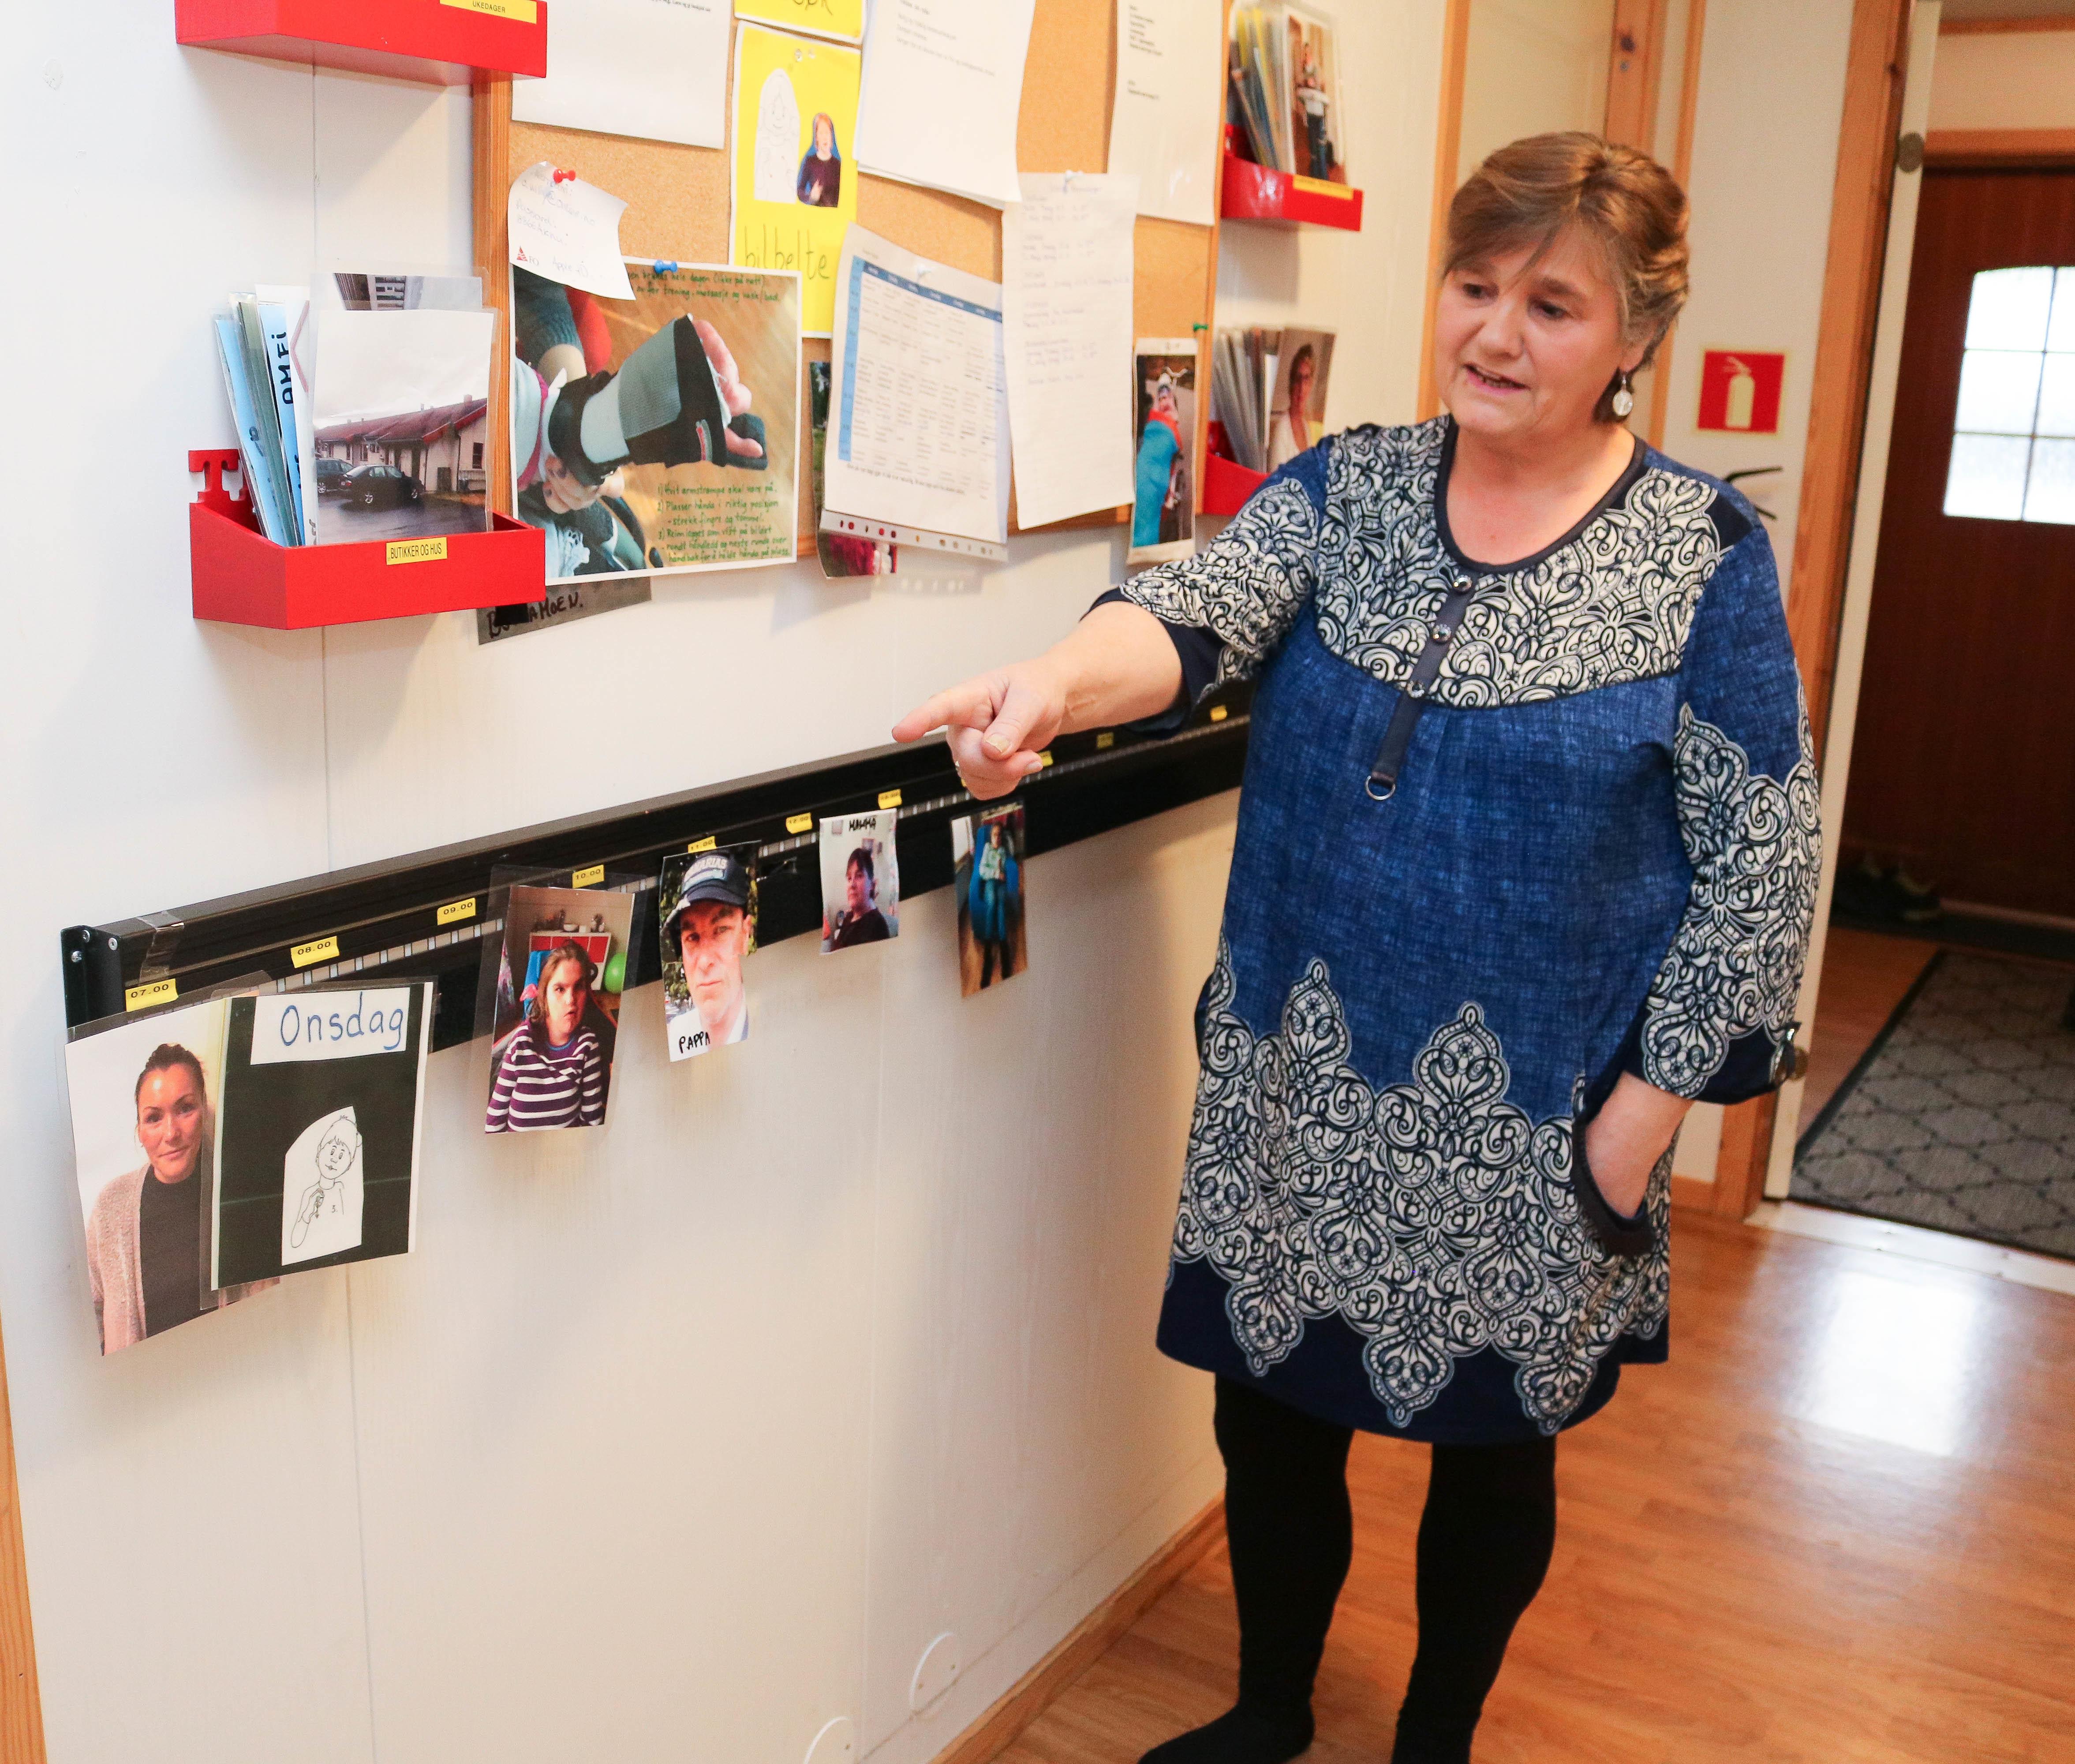 Kvinne i blå kjole viser fram en foto-list som henger i en gang. En korktavle med en rekke papirer henger over listen.